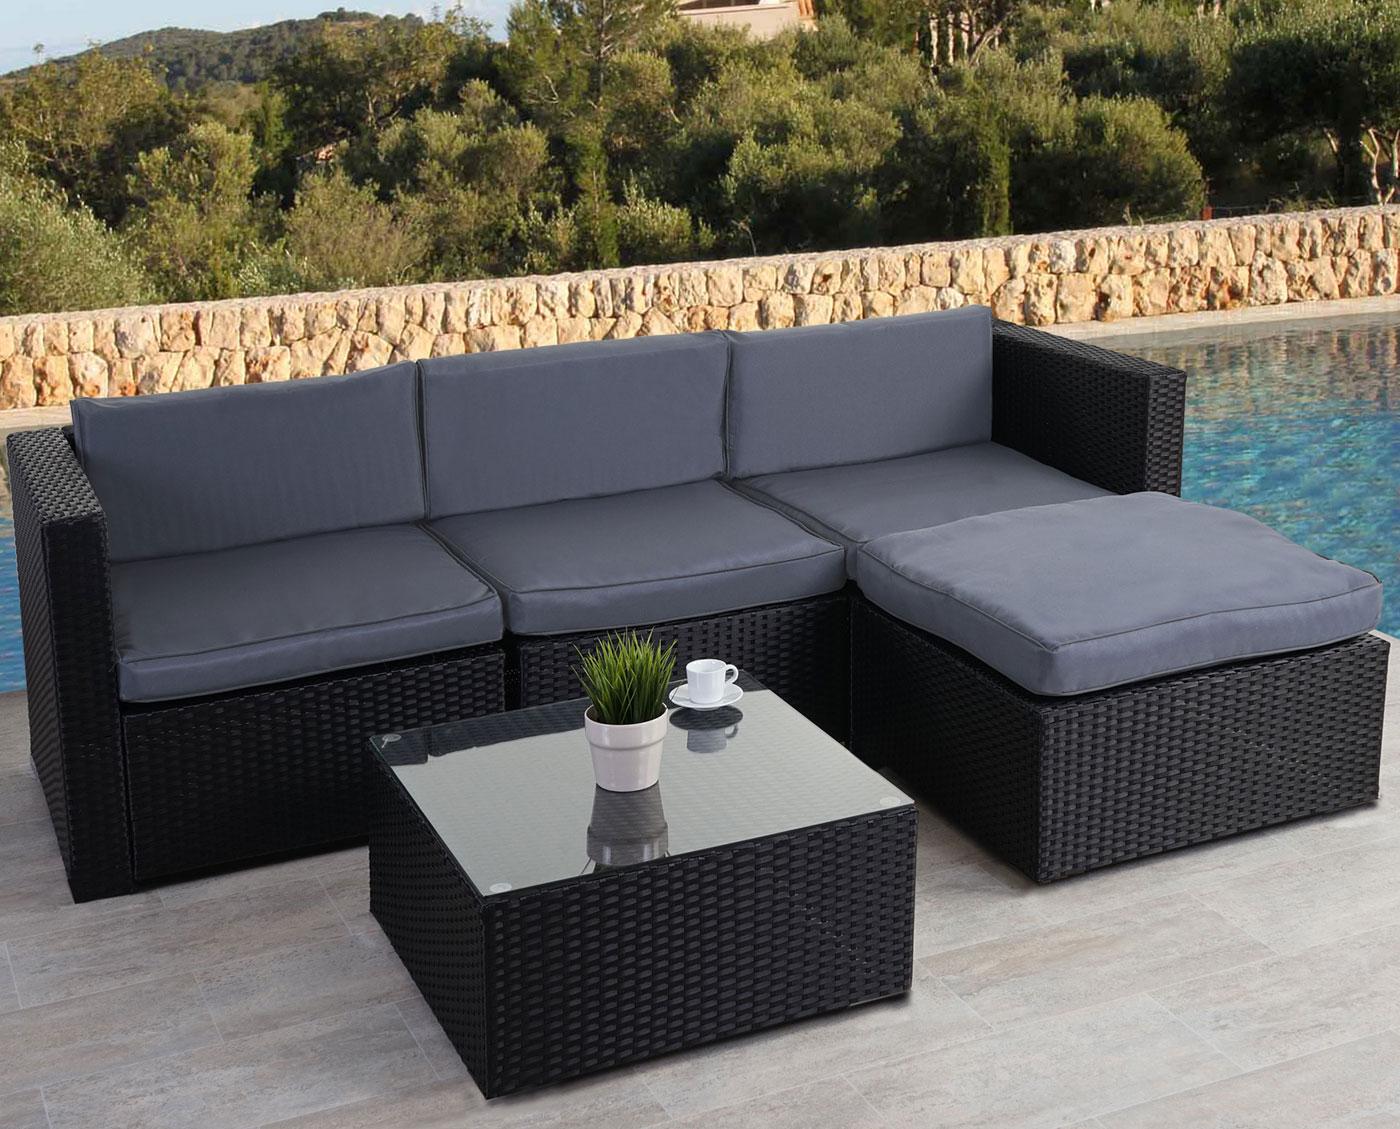 poly rattan lounge hwc d28 sitzgarnitur anthrazit. Black Bedroom Furniture Sets. Home Design Ideas